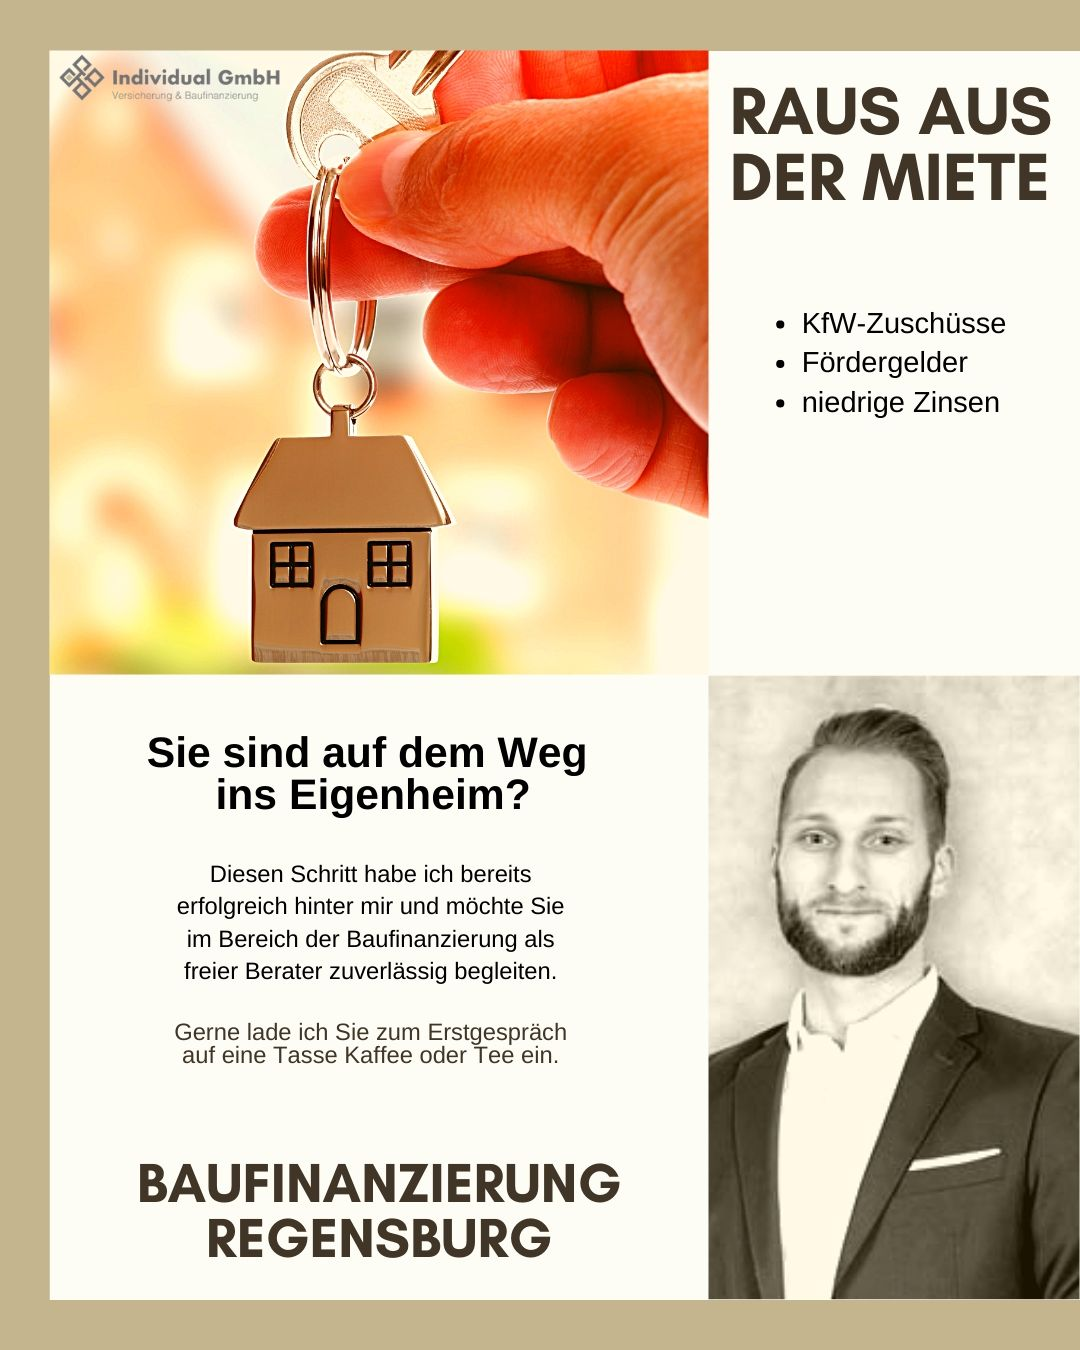 Baufinanzierung Regensburg - Tobias Winnerl - Raus aus der Miete